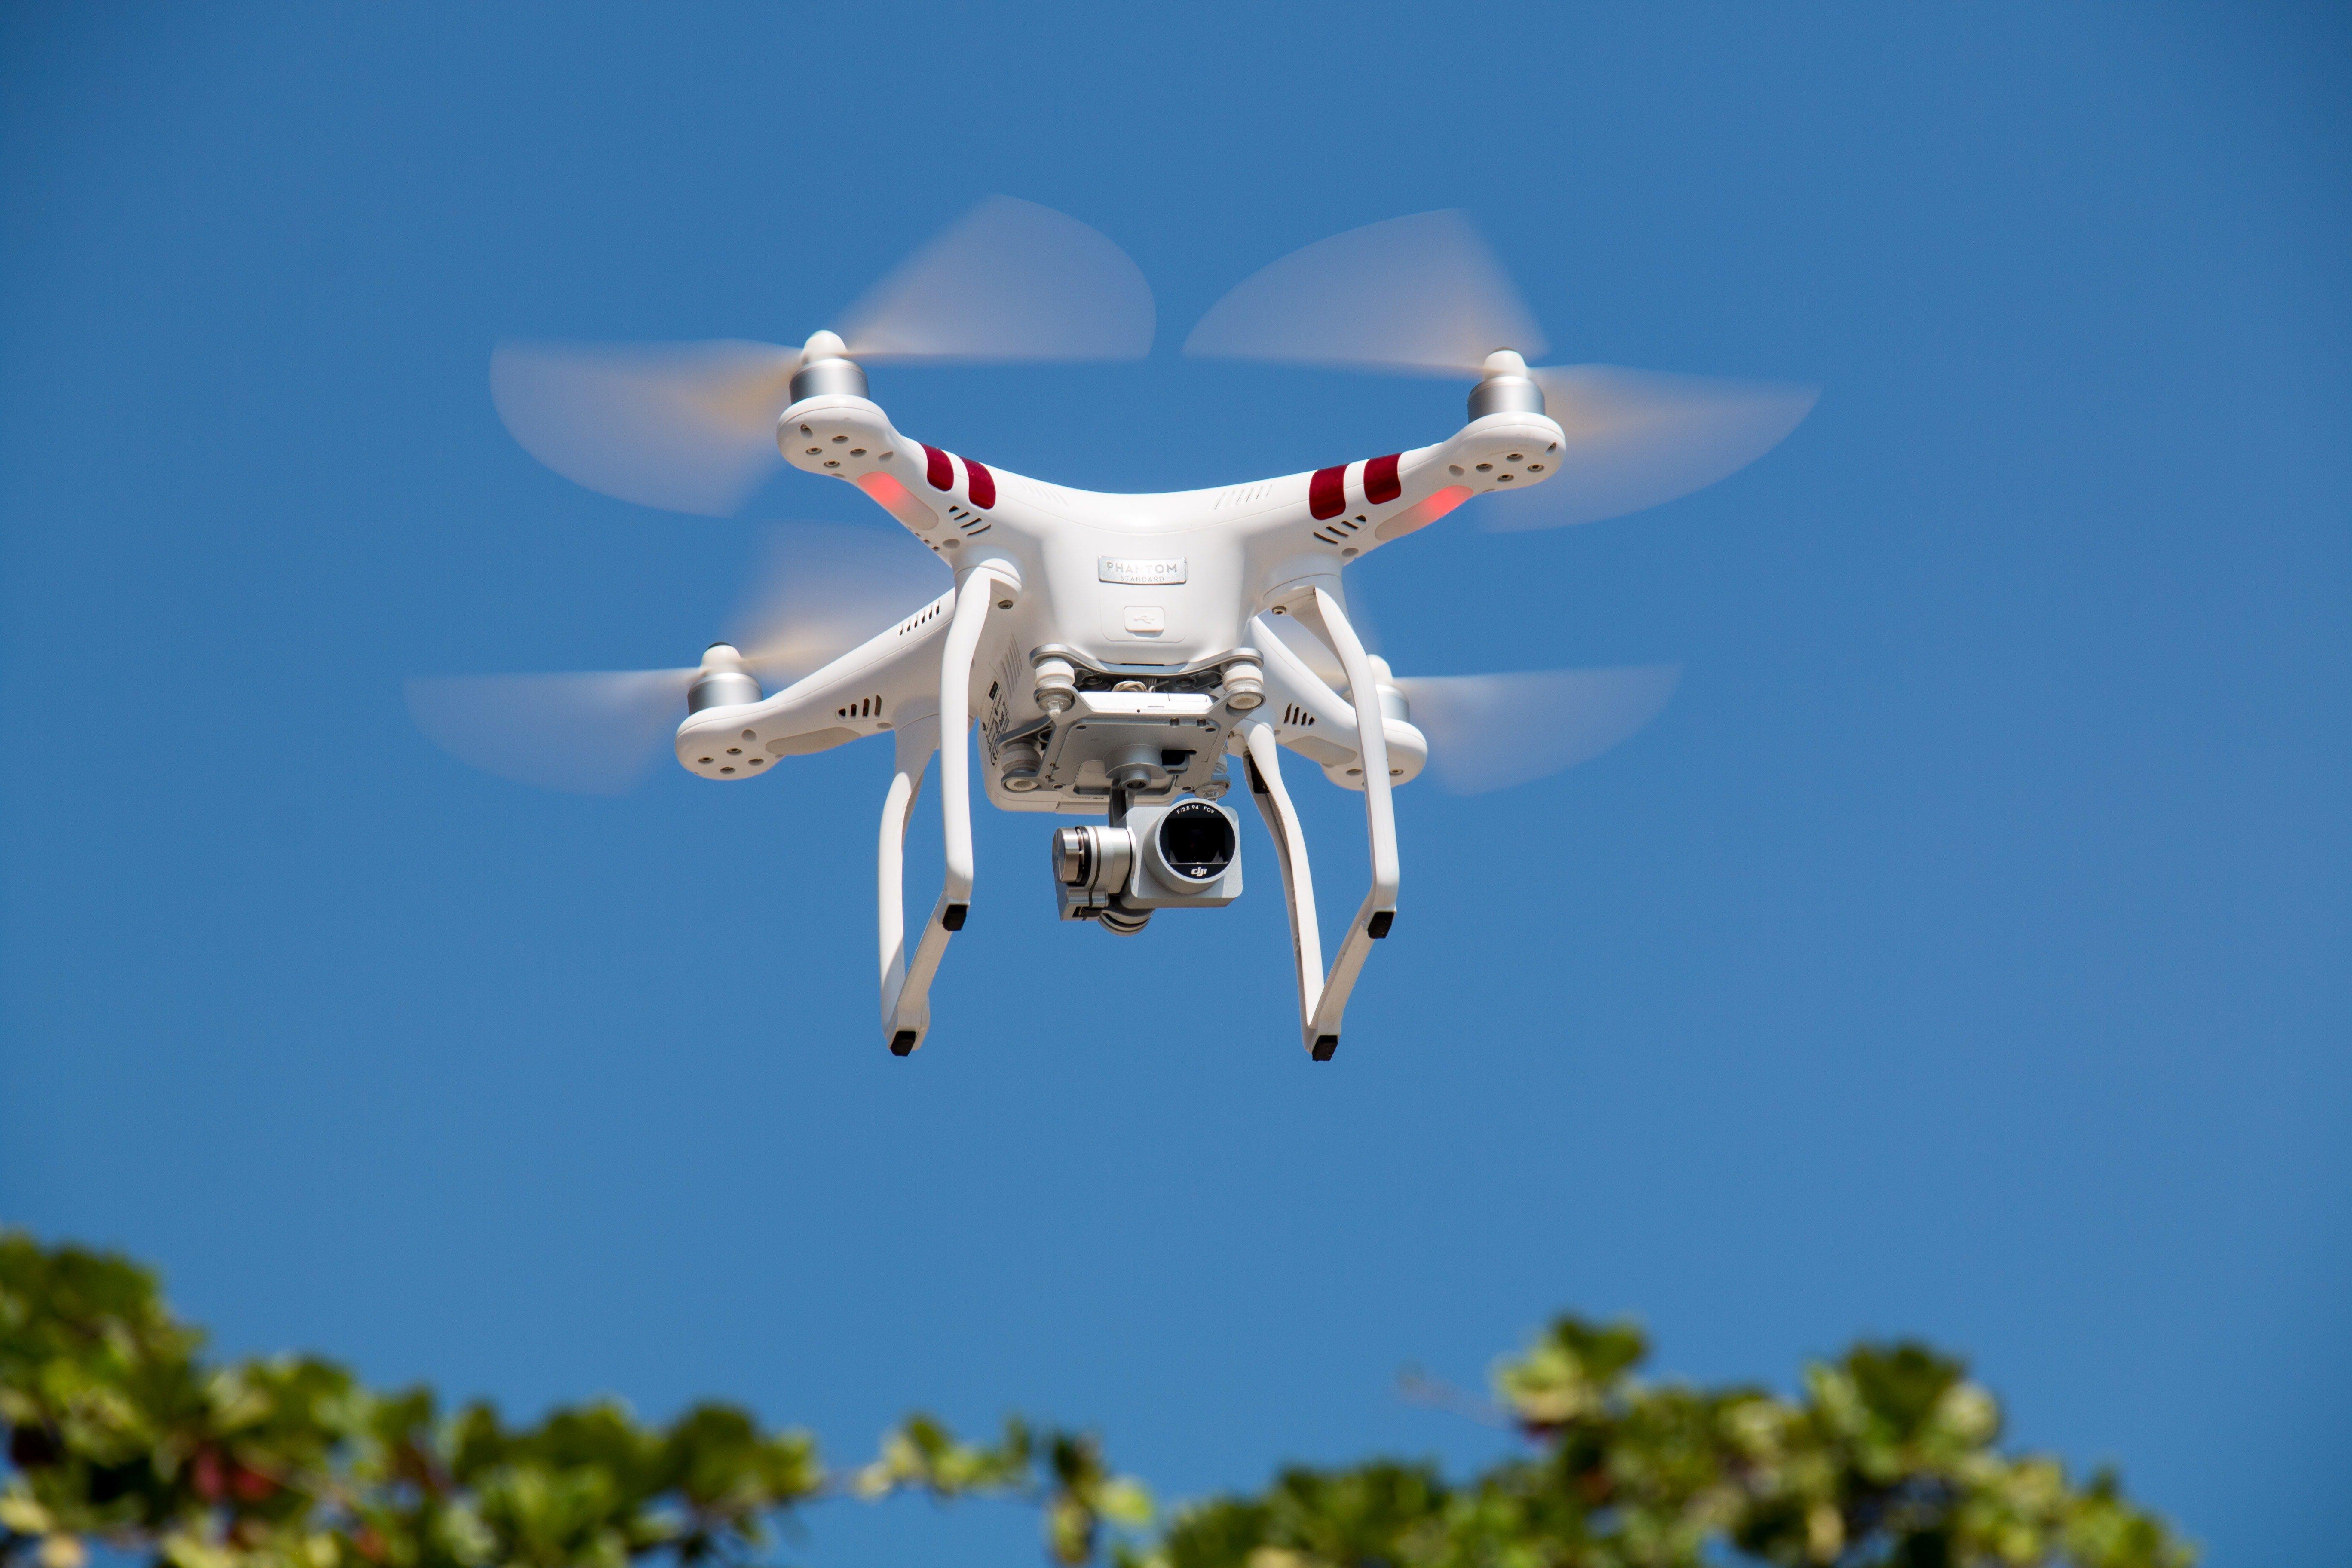 Drohnenfotografie Tipps und Anleitung